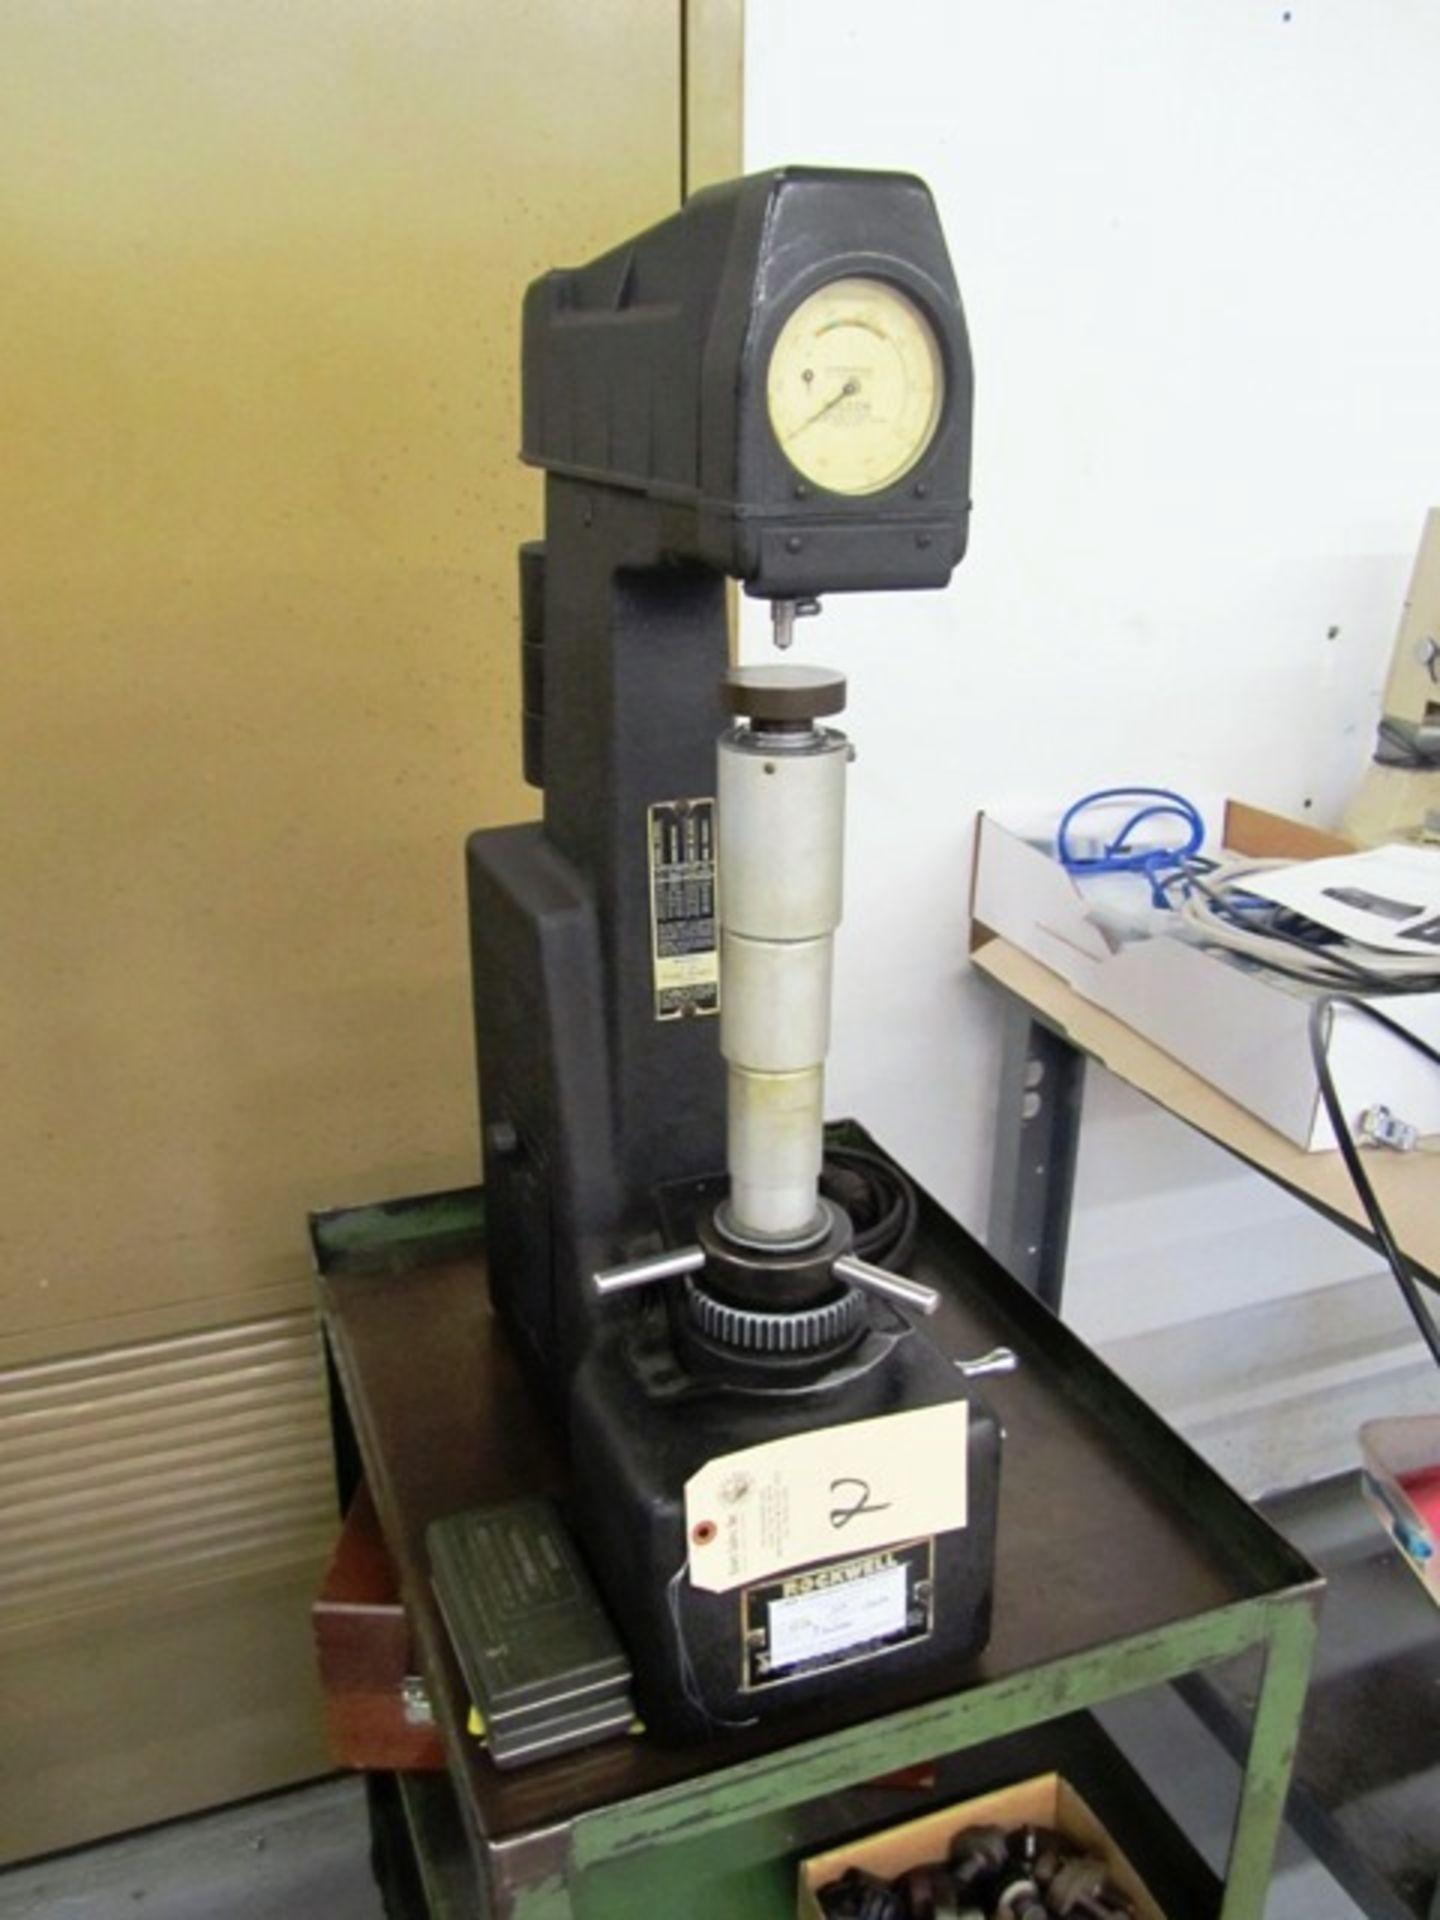 Lot 2 - Wilson Model 4JR Hardness Tester, sn:6119